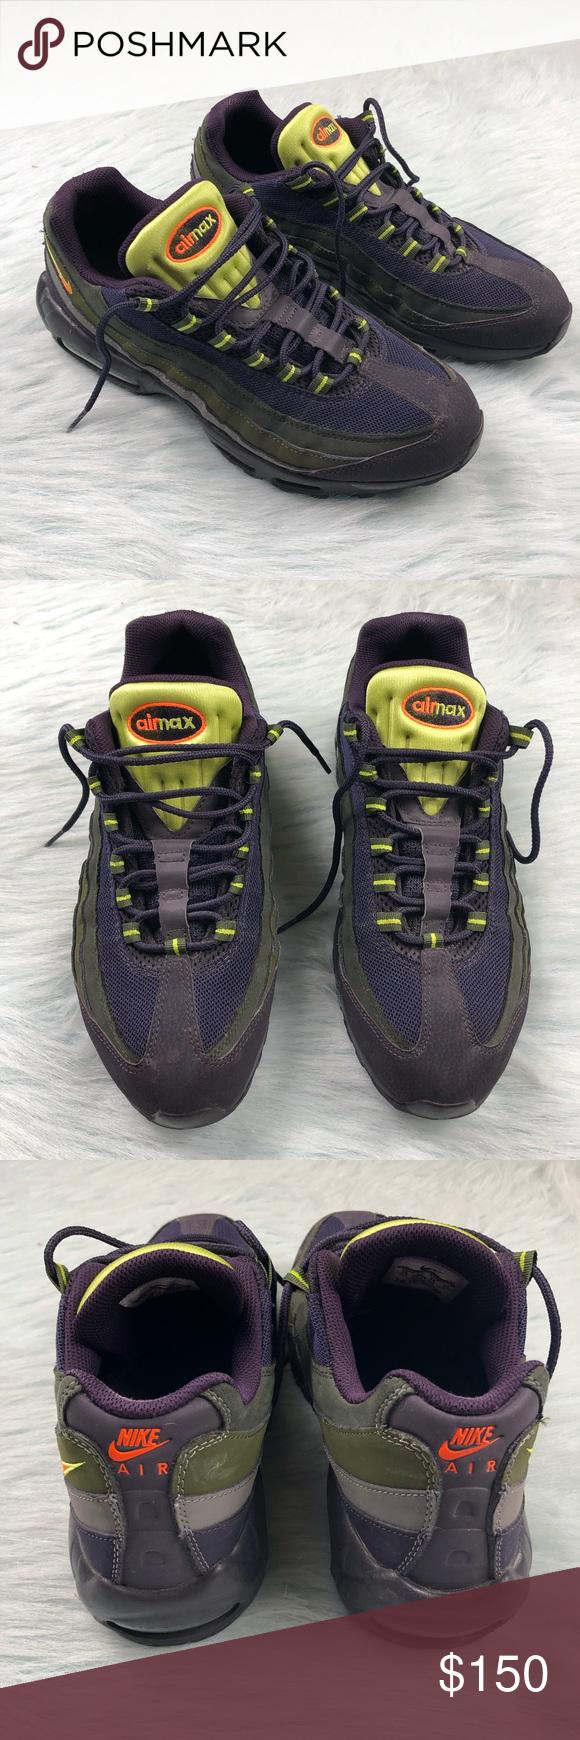 ddd03e42076c Nike Air Max 95 609048-500 Purple Green Men s 12 Men s size 12 Nike Air